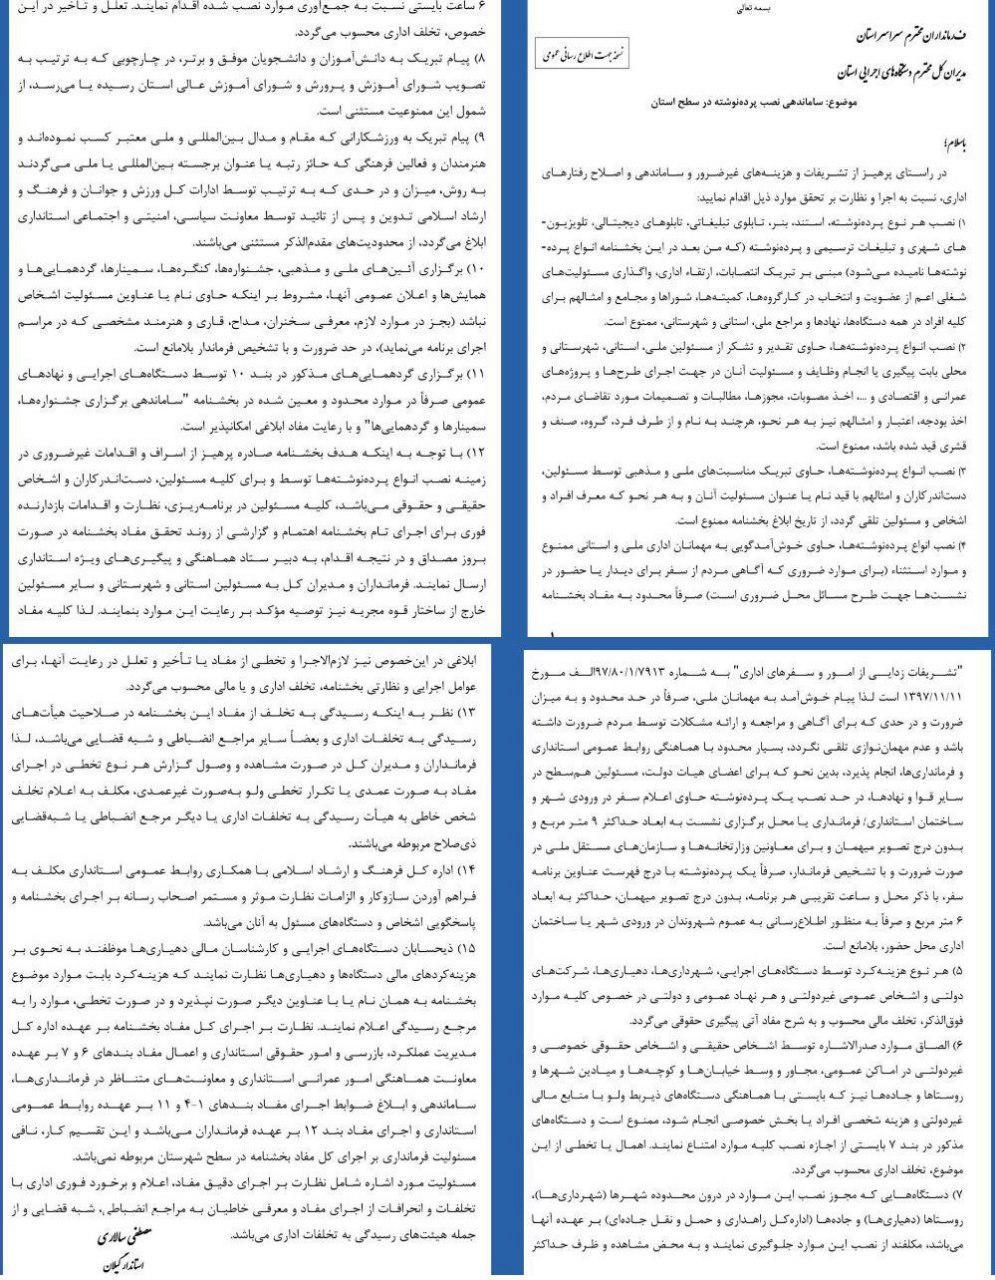 متن کامل بخشنامه ساماندهی نصب پرده نوشته در سطح استان صادره از سوی دکتر سالاری استاندار گیلان